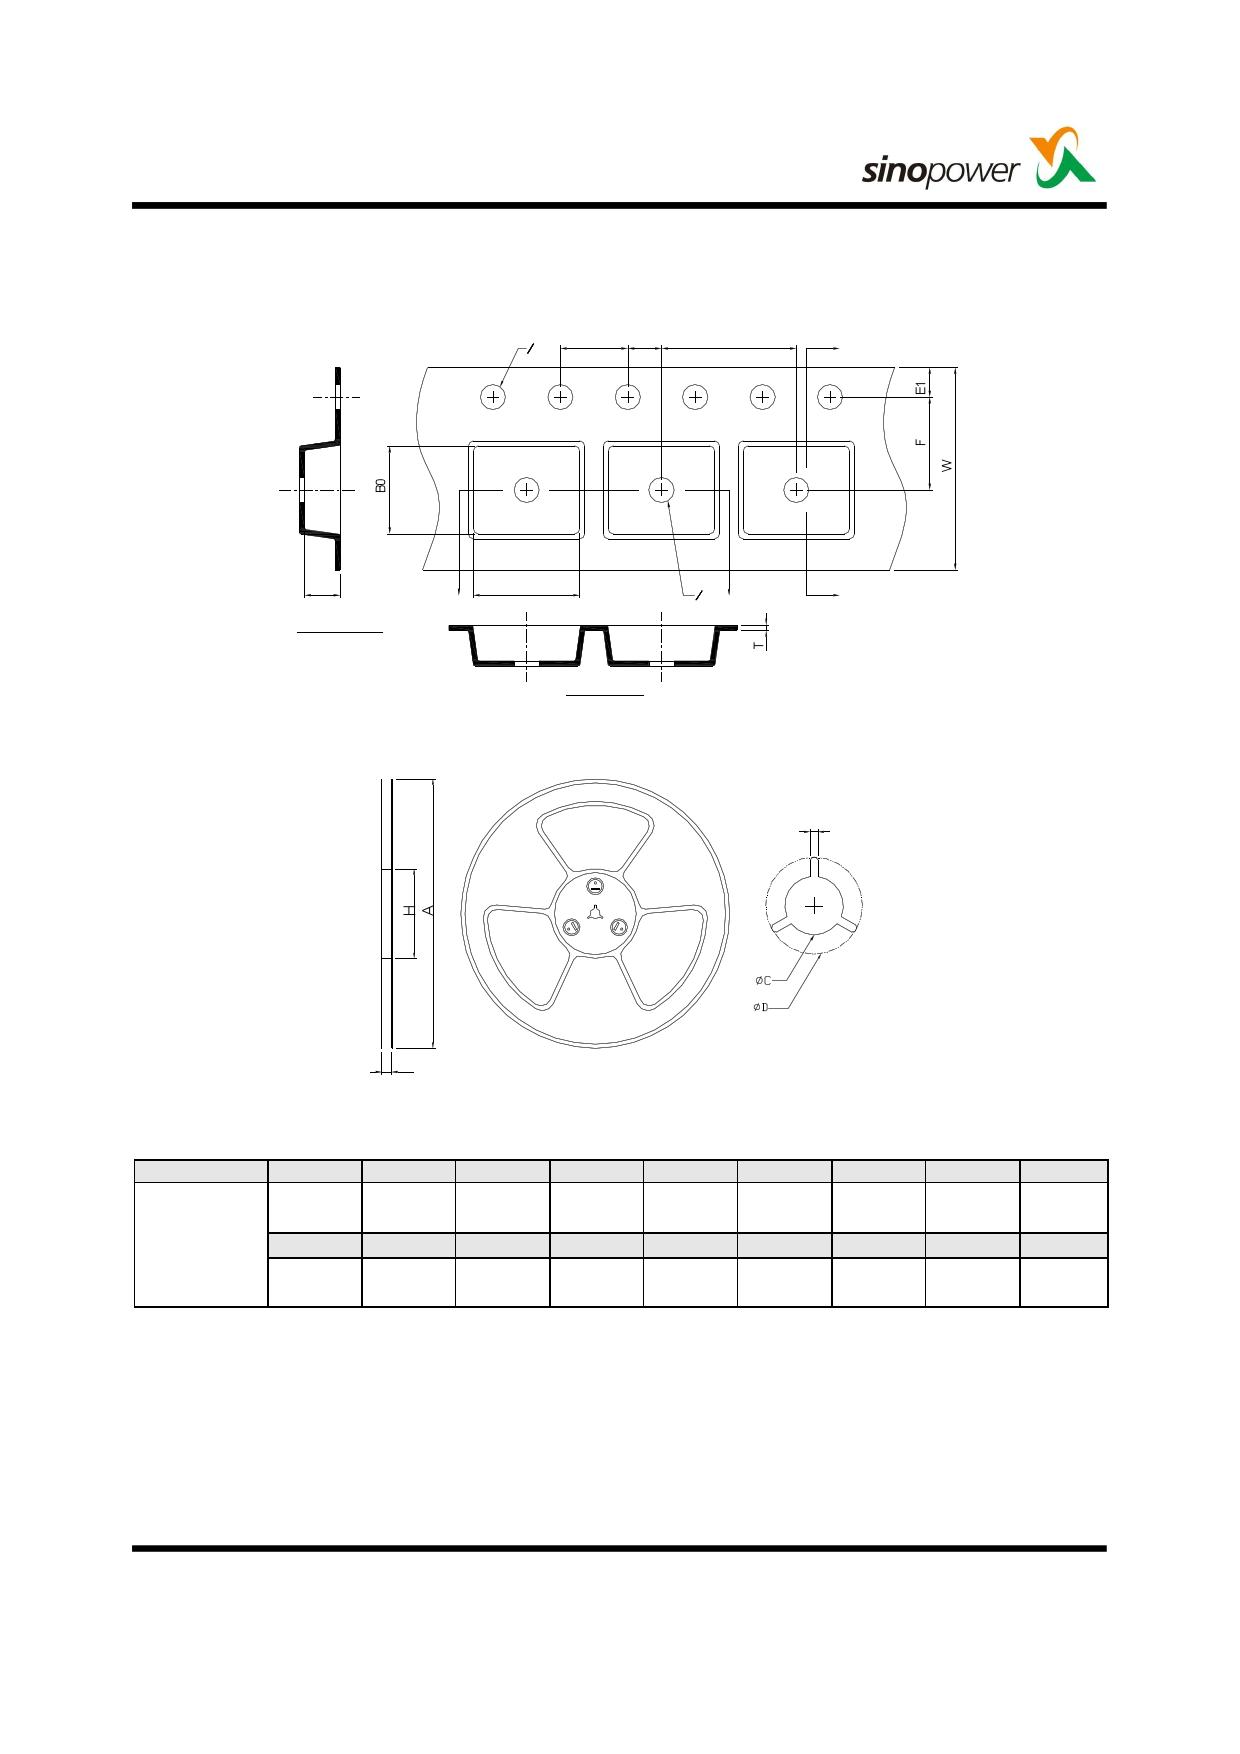 SM9435PSK diode, scr